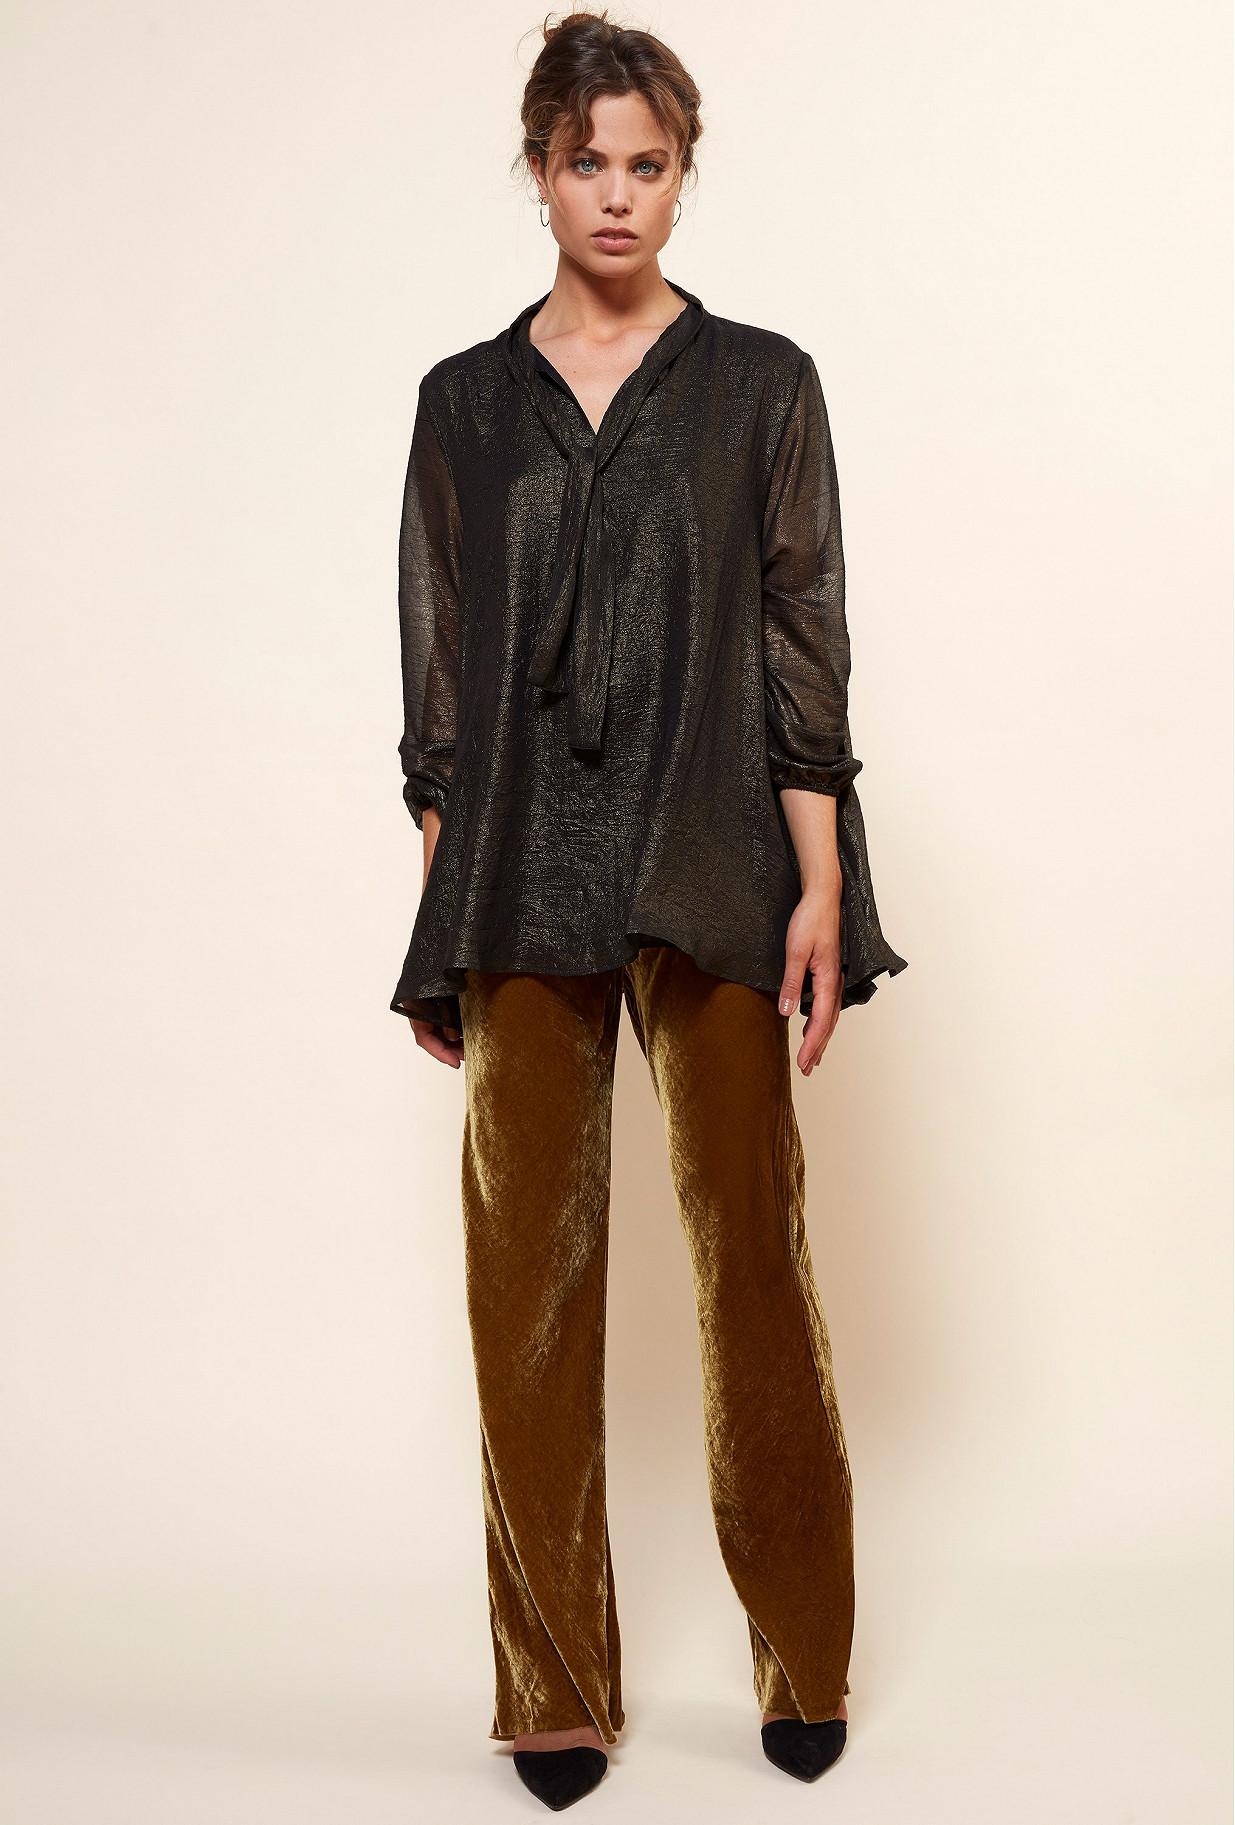 Paris boutique de mode vêtement Blouse créateur bohème  Reflet